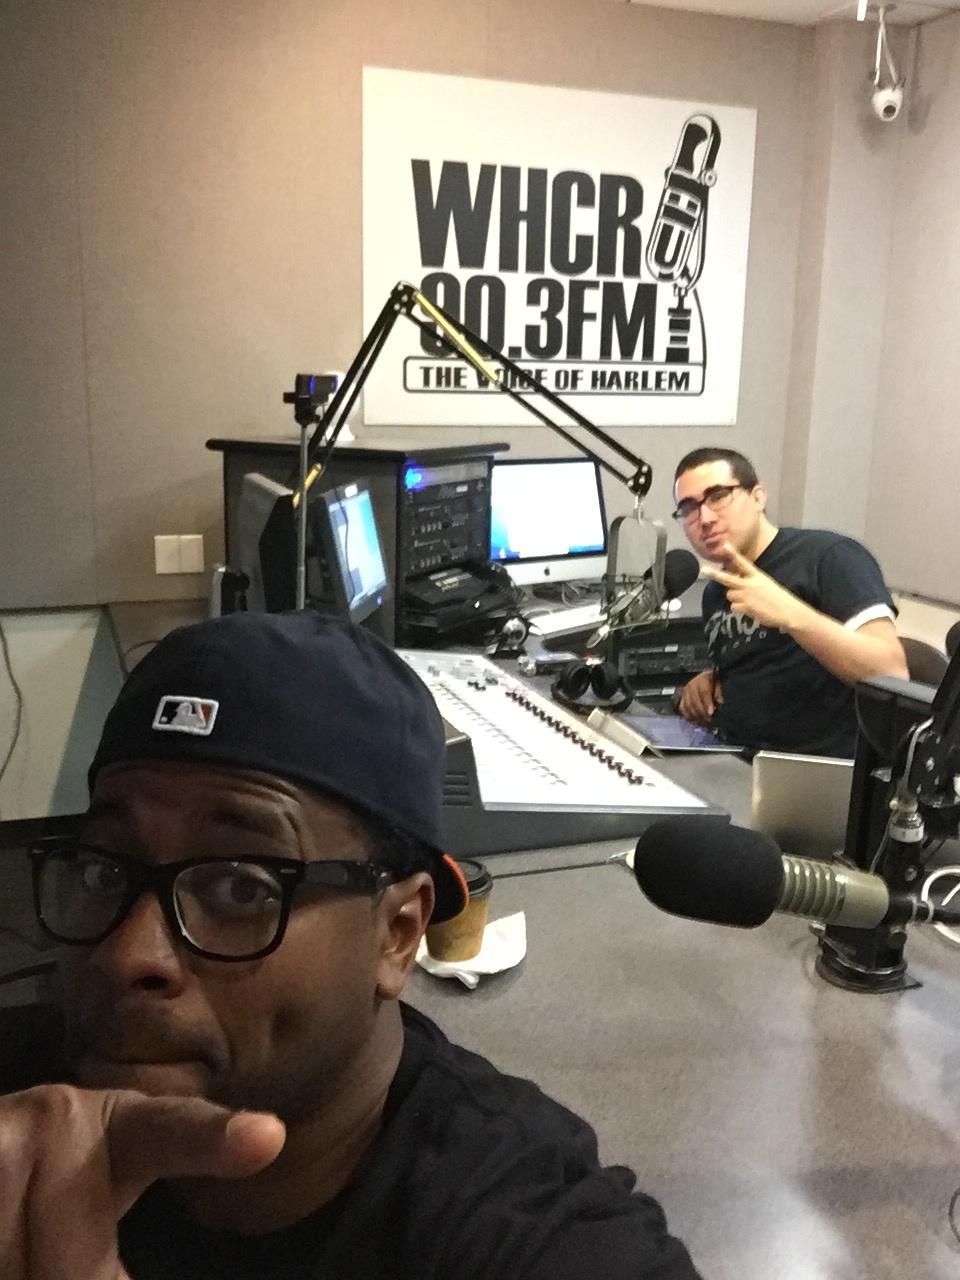 Brew + DJ Lil Tiger in the studio